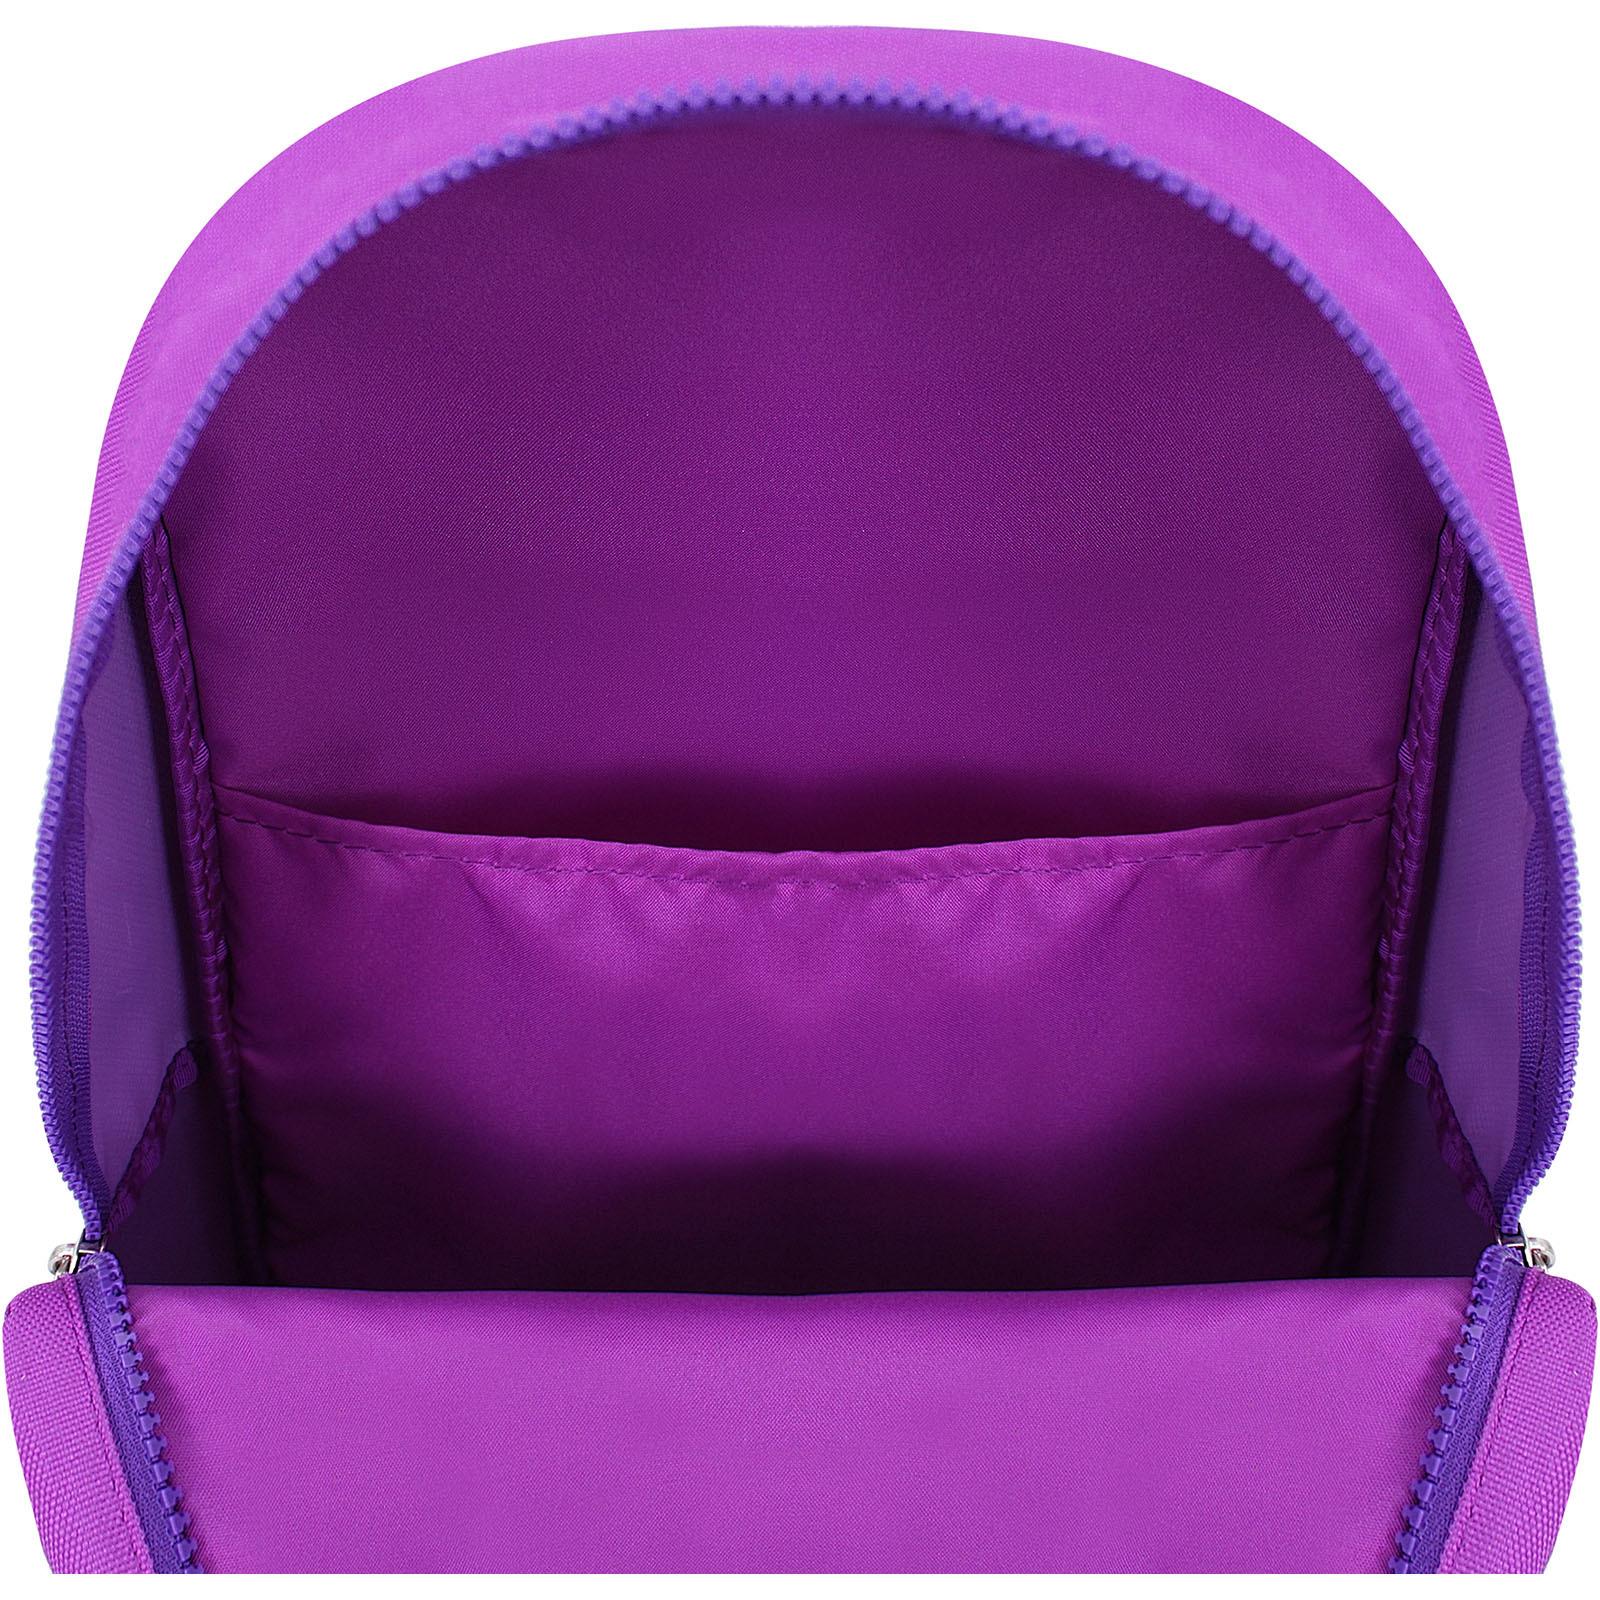 Рюкзак Bagland Amber 15 л. 339 фиолетовый/бузок (0010466) фото 4